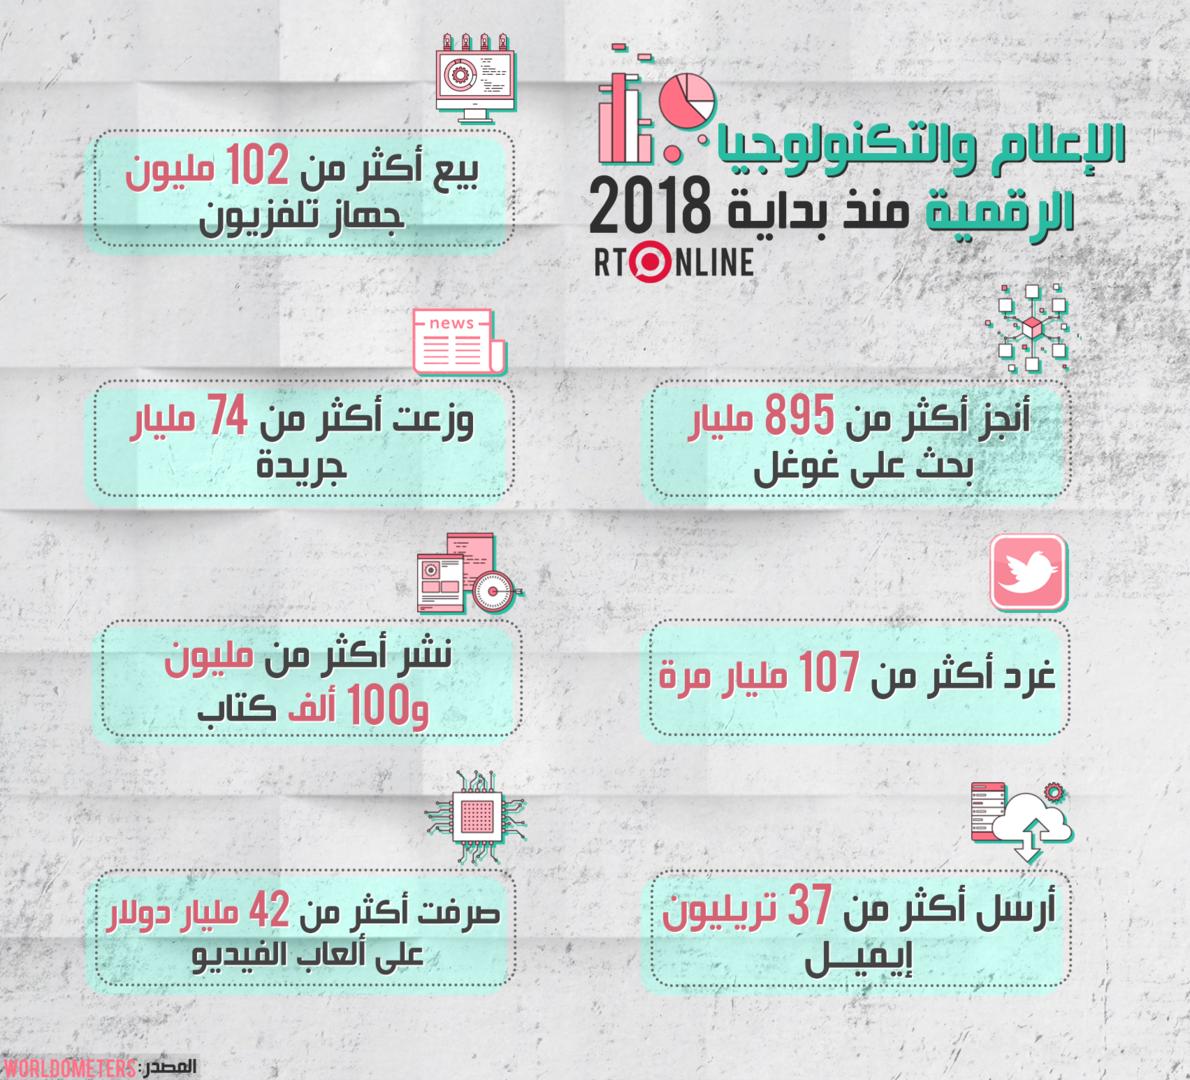 الإعلام والتكنولوجيا الرقمية منذ بداية 2018